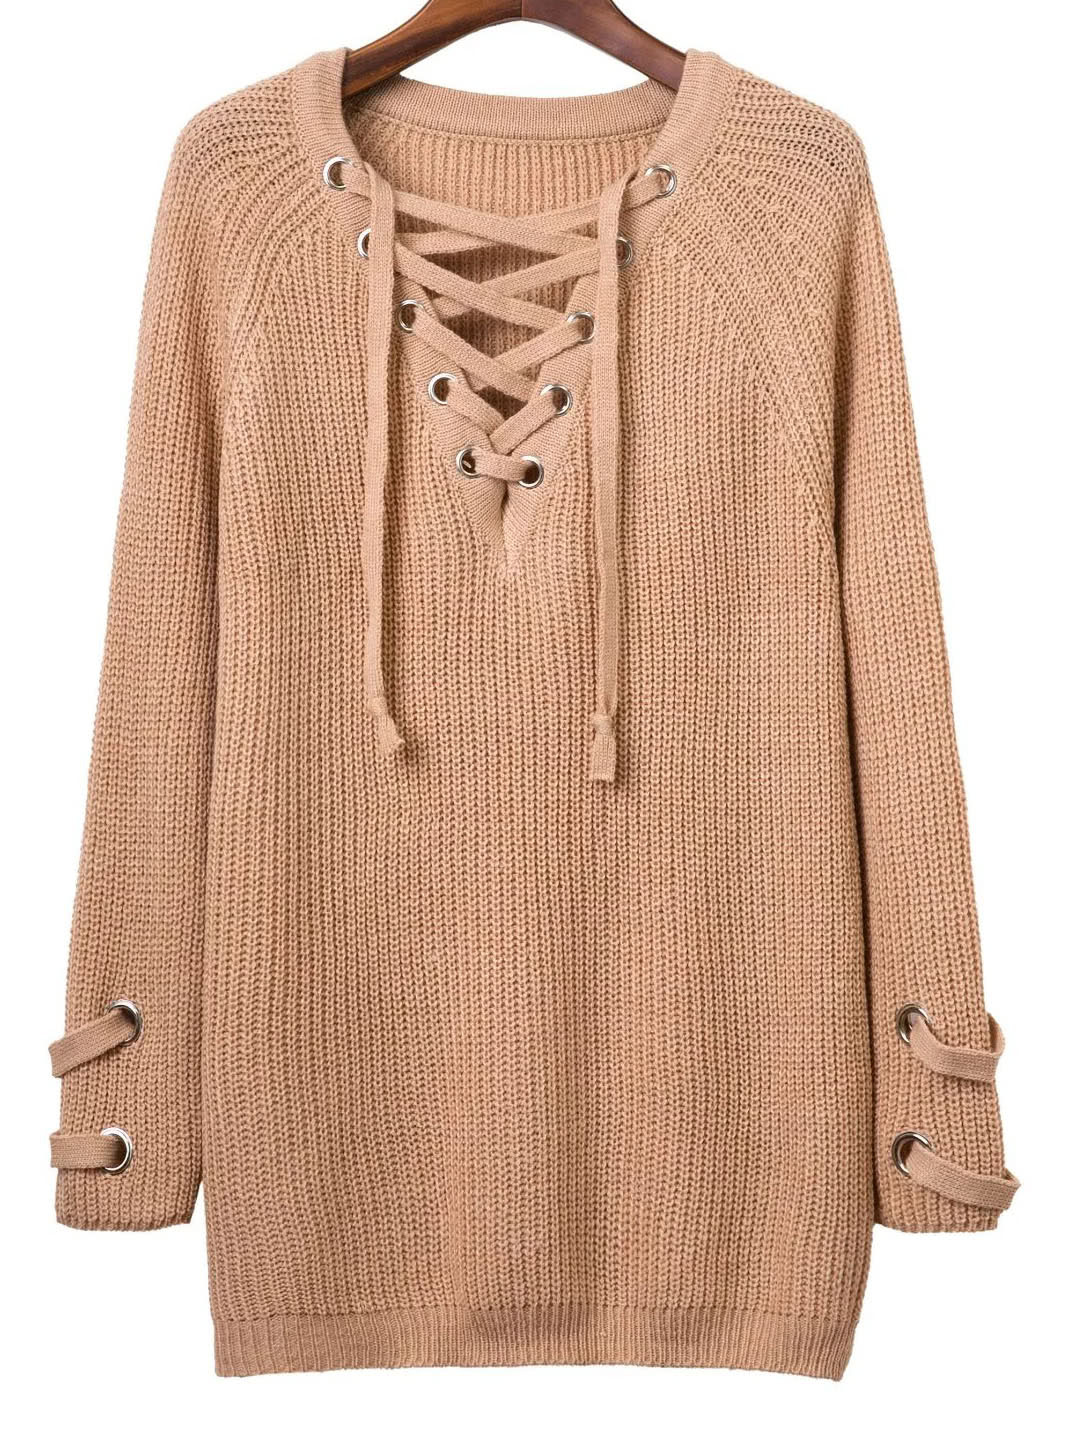 Eyelet Lace Up V Neck Knit Dress dress160805204